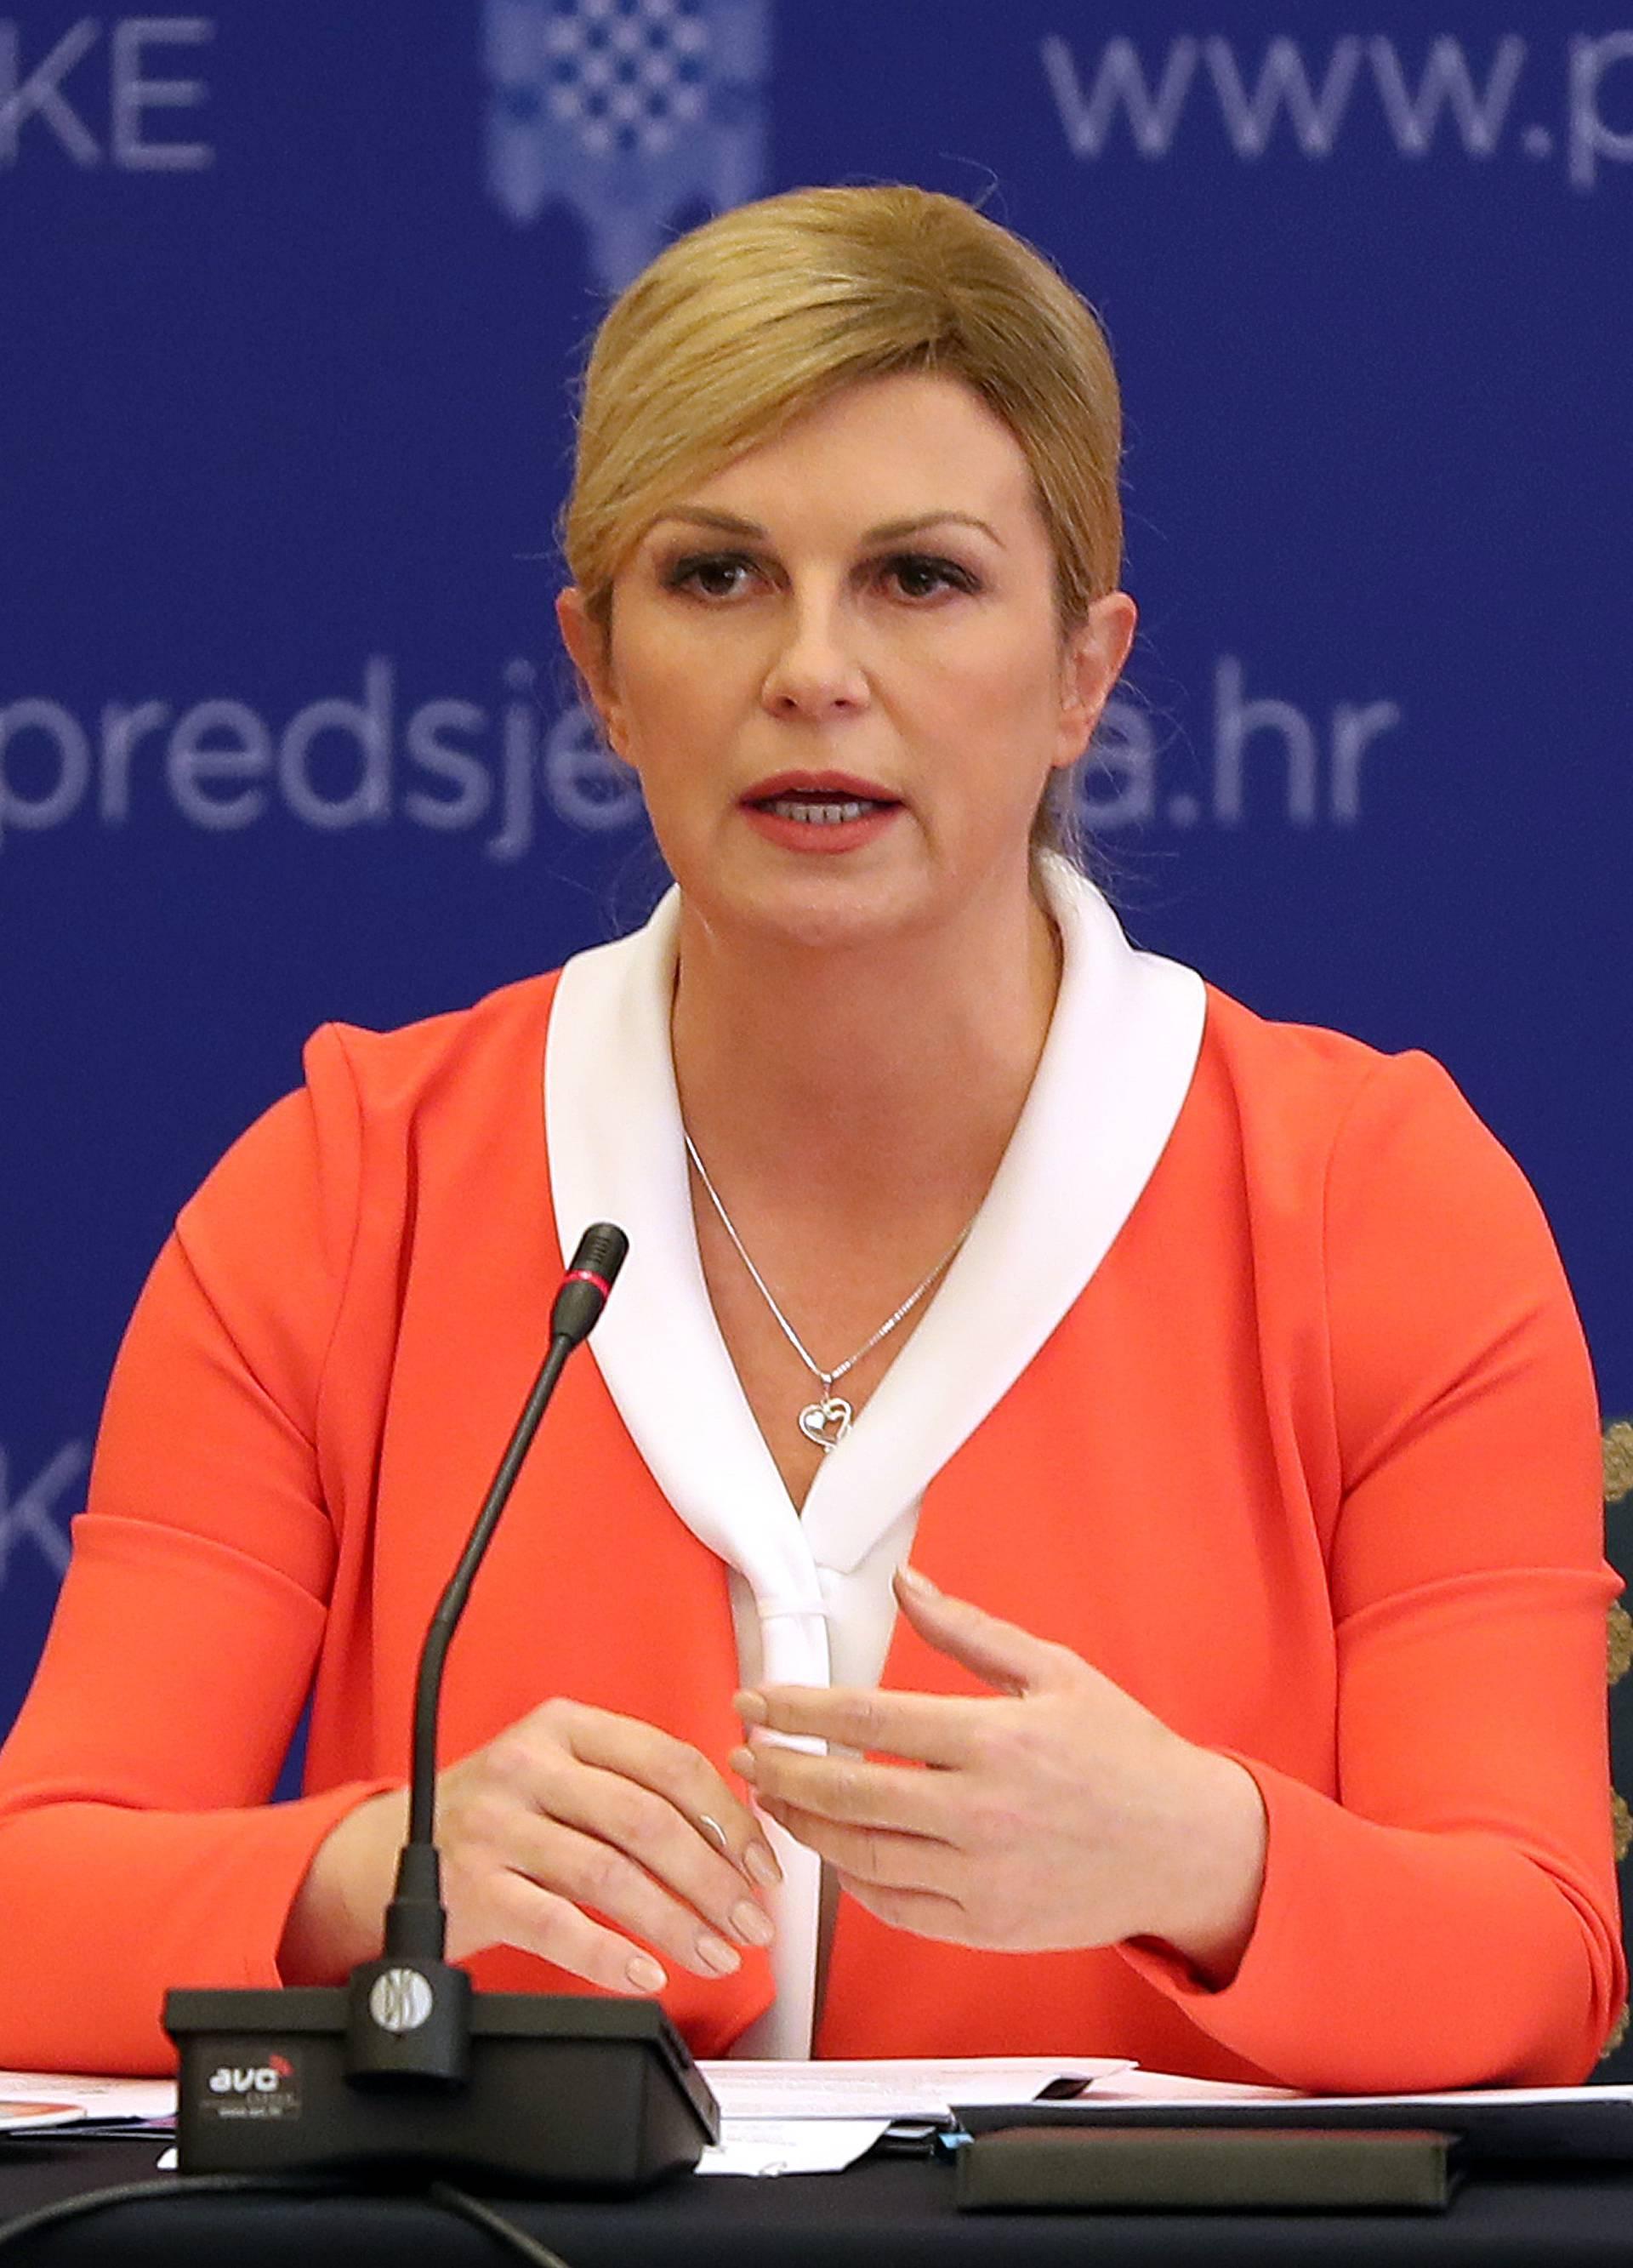 Predsjednica neće potpisati sporazum o migrantima